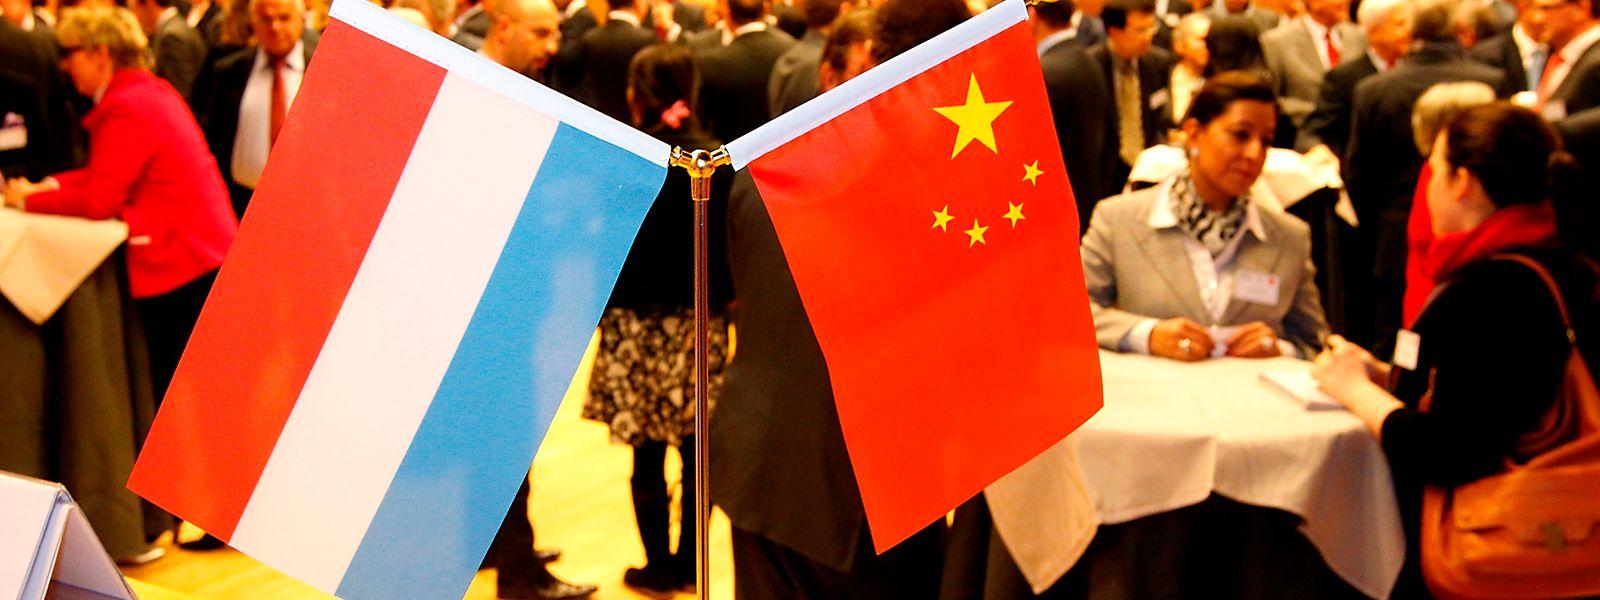 La coopération entre la Chine et le Luxembourg est de grande envergure